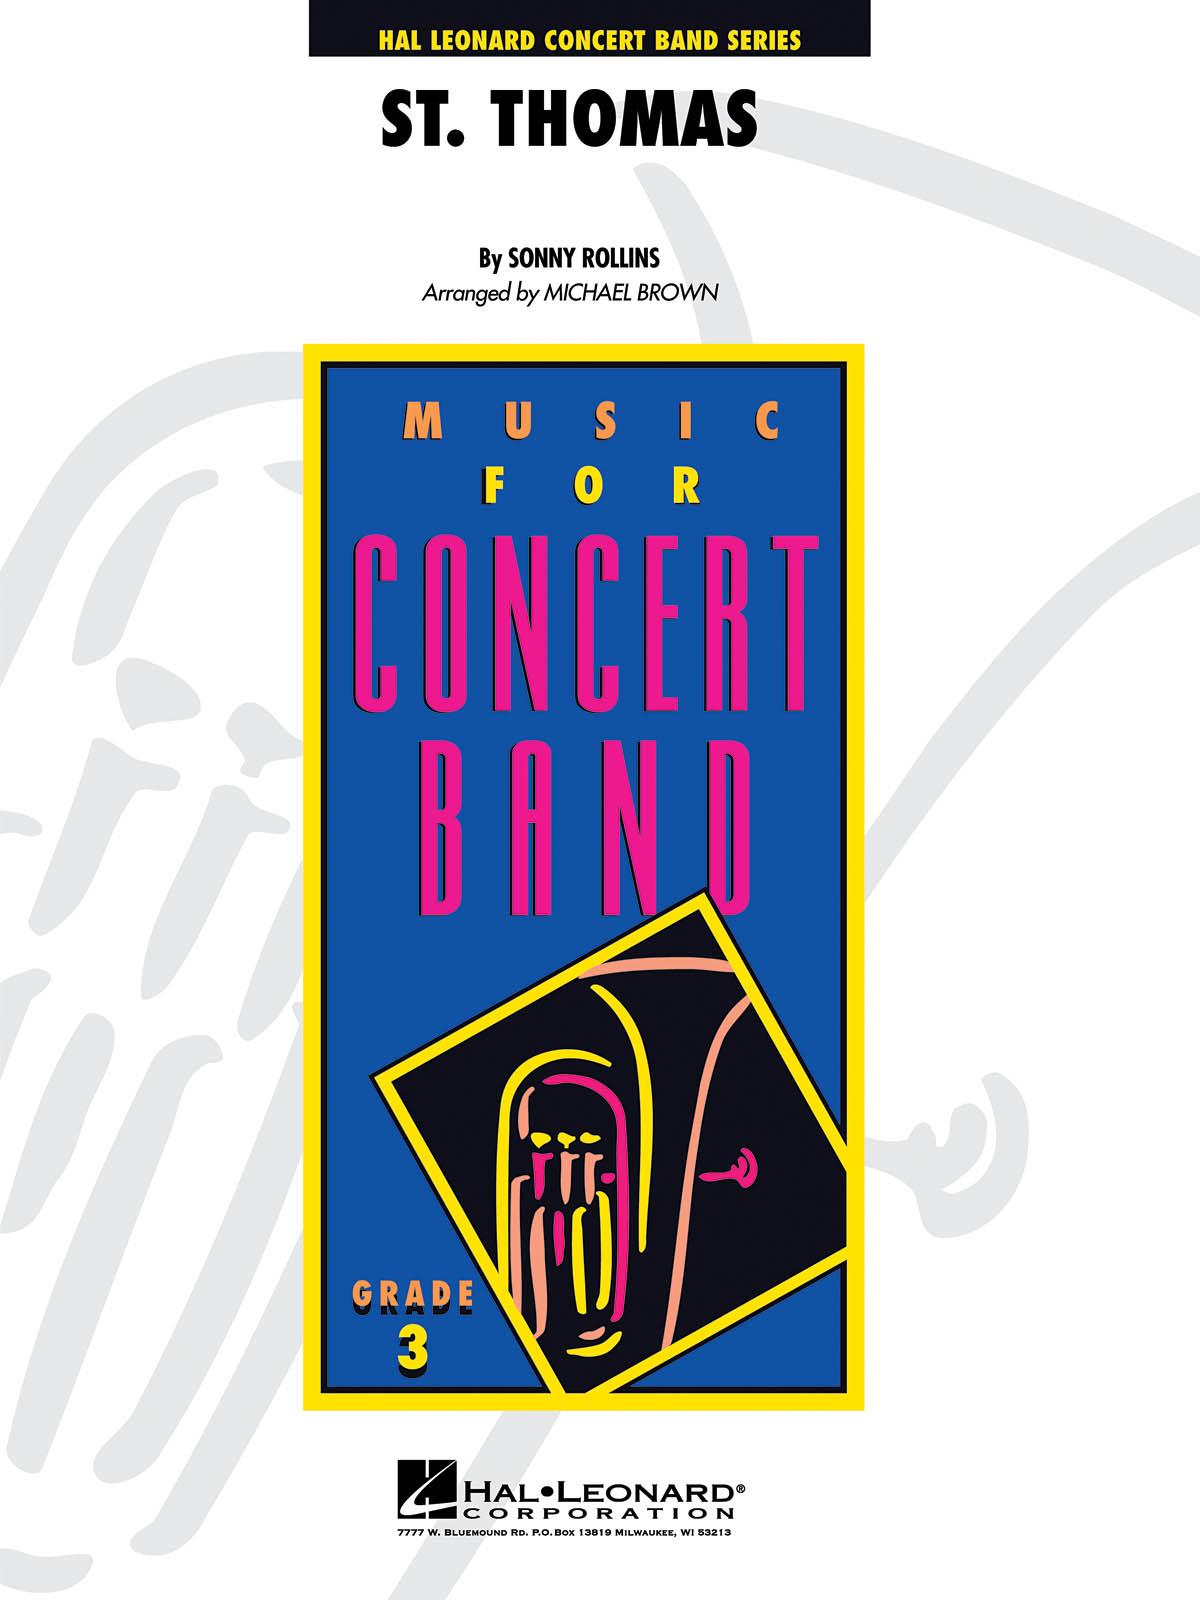 St. Thomas: Concert Band: Score & Parts